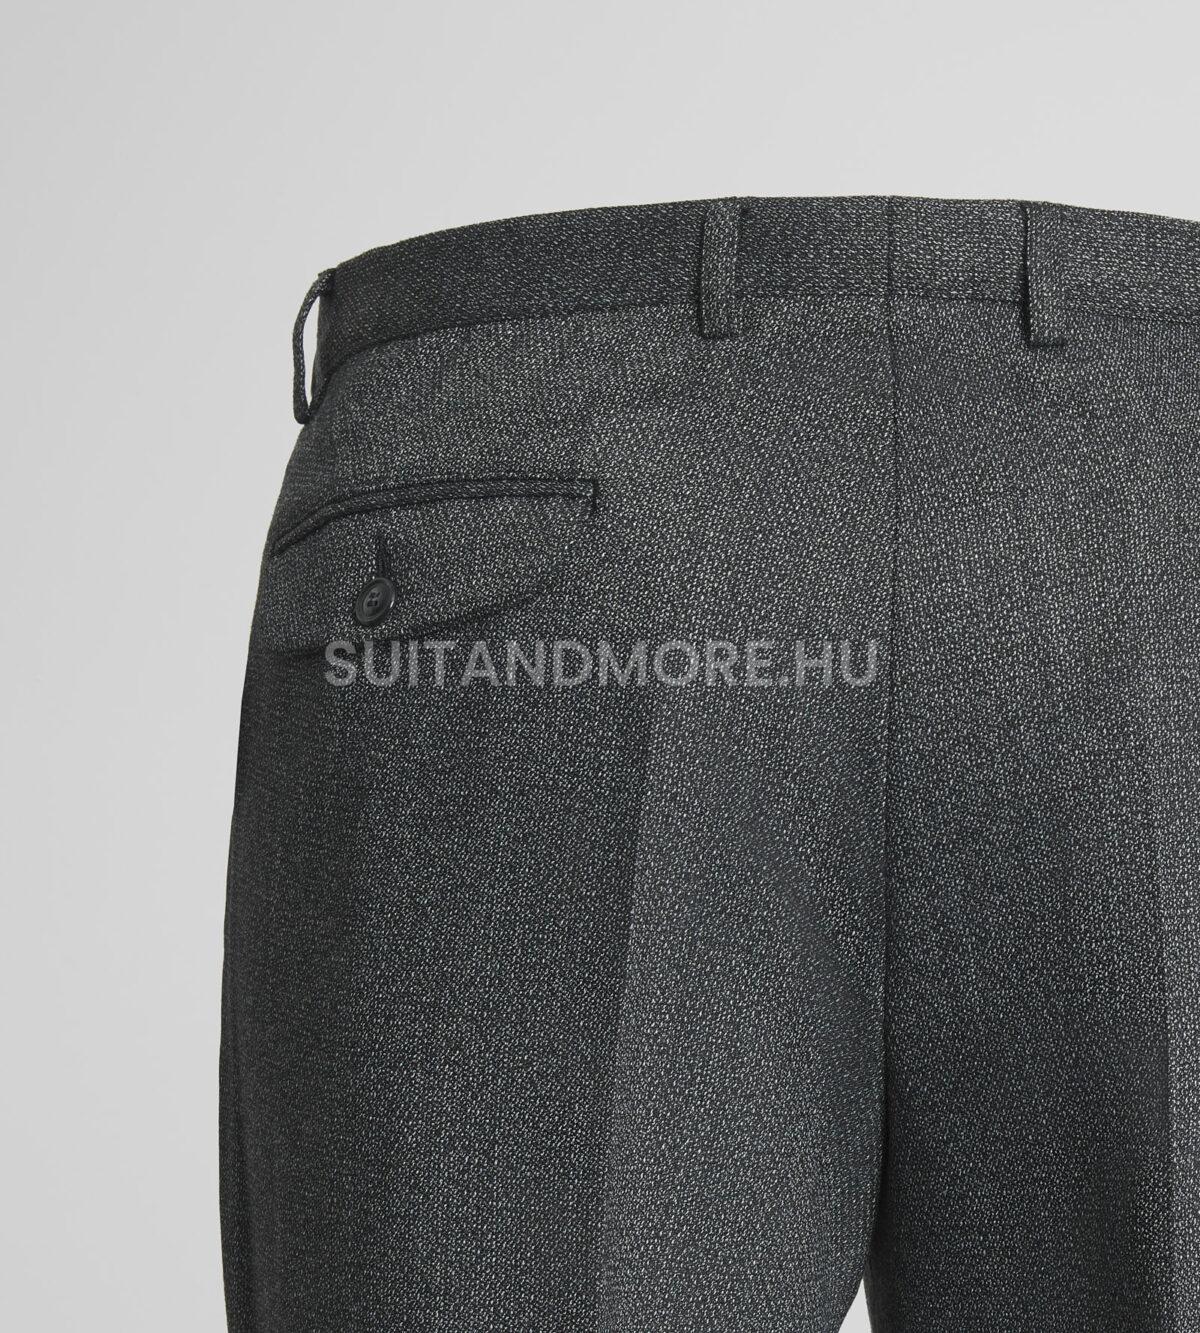 fekete-extra-slim-fit-gyapjú-kevert-szövetnadrág-NICO-1261122-12-03